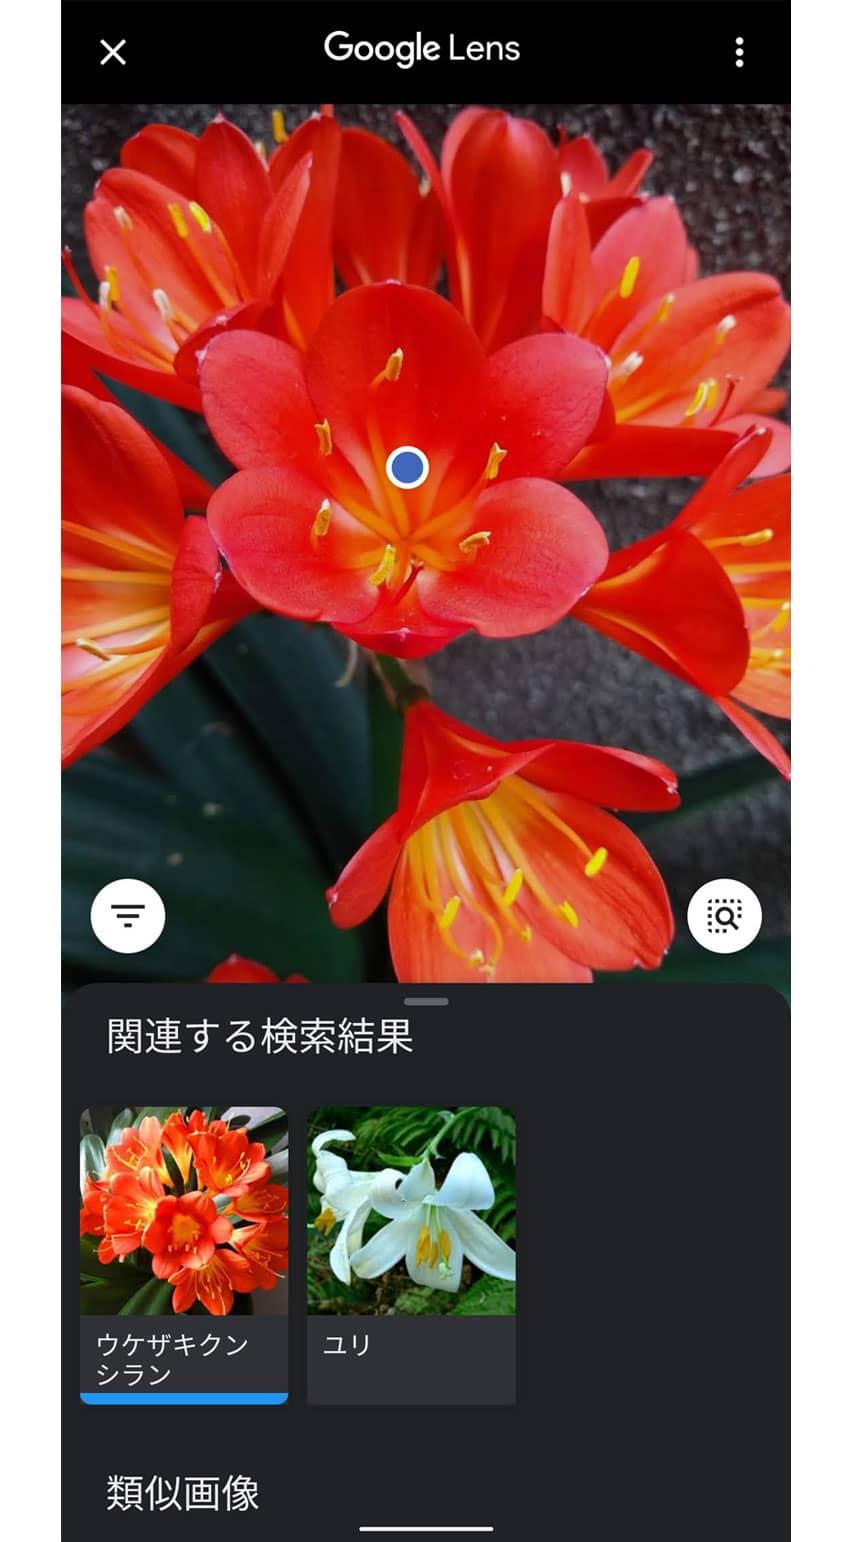 Googleレンズで植物や動物の名前もわかる